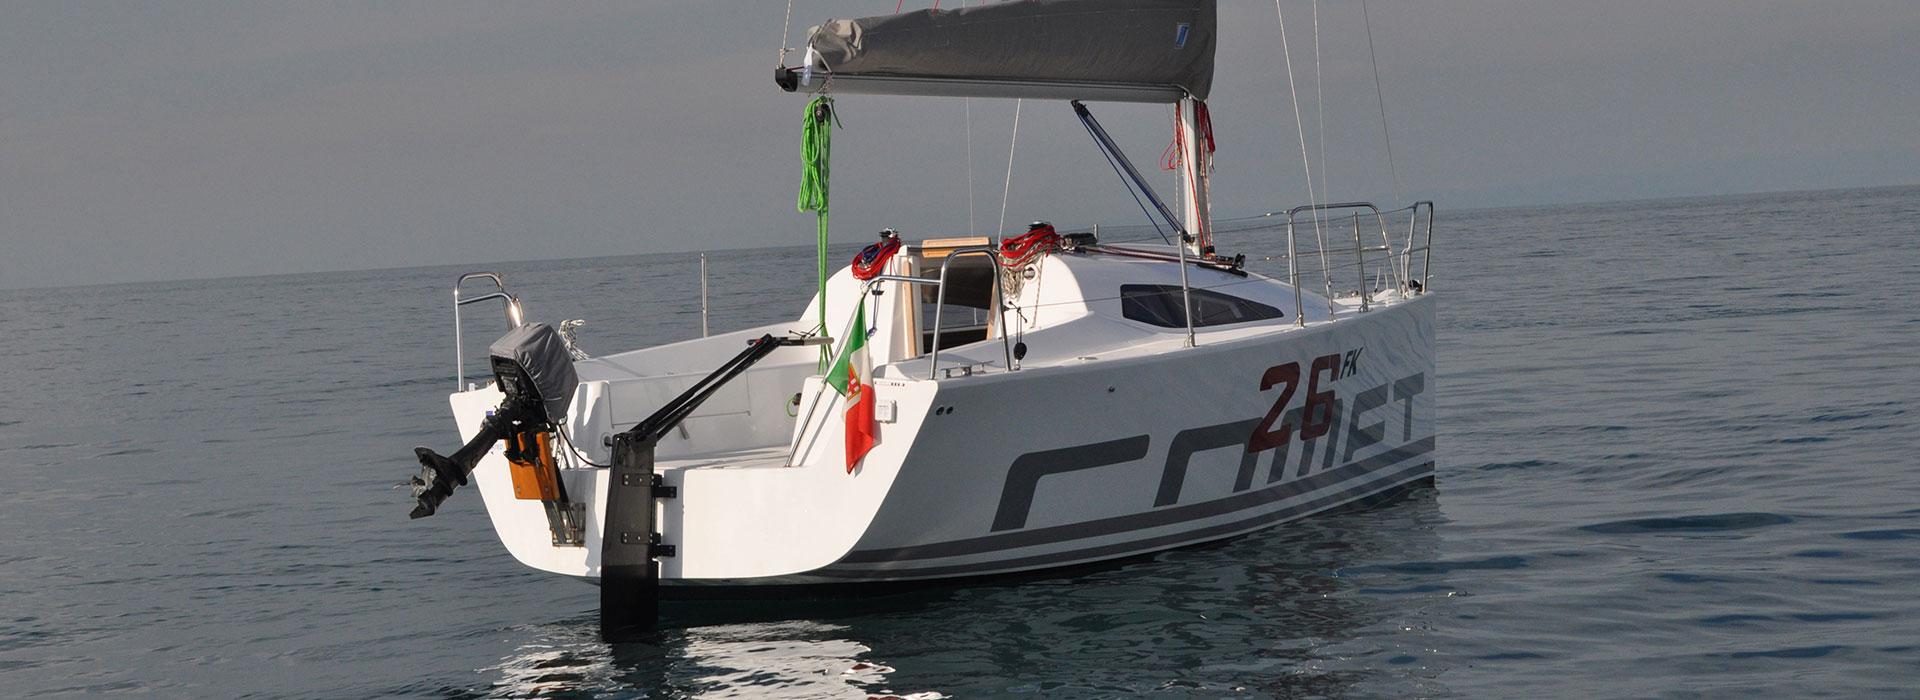 C26-ferma-mare1